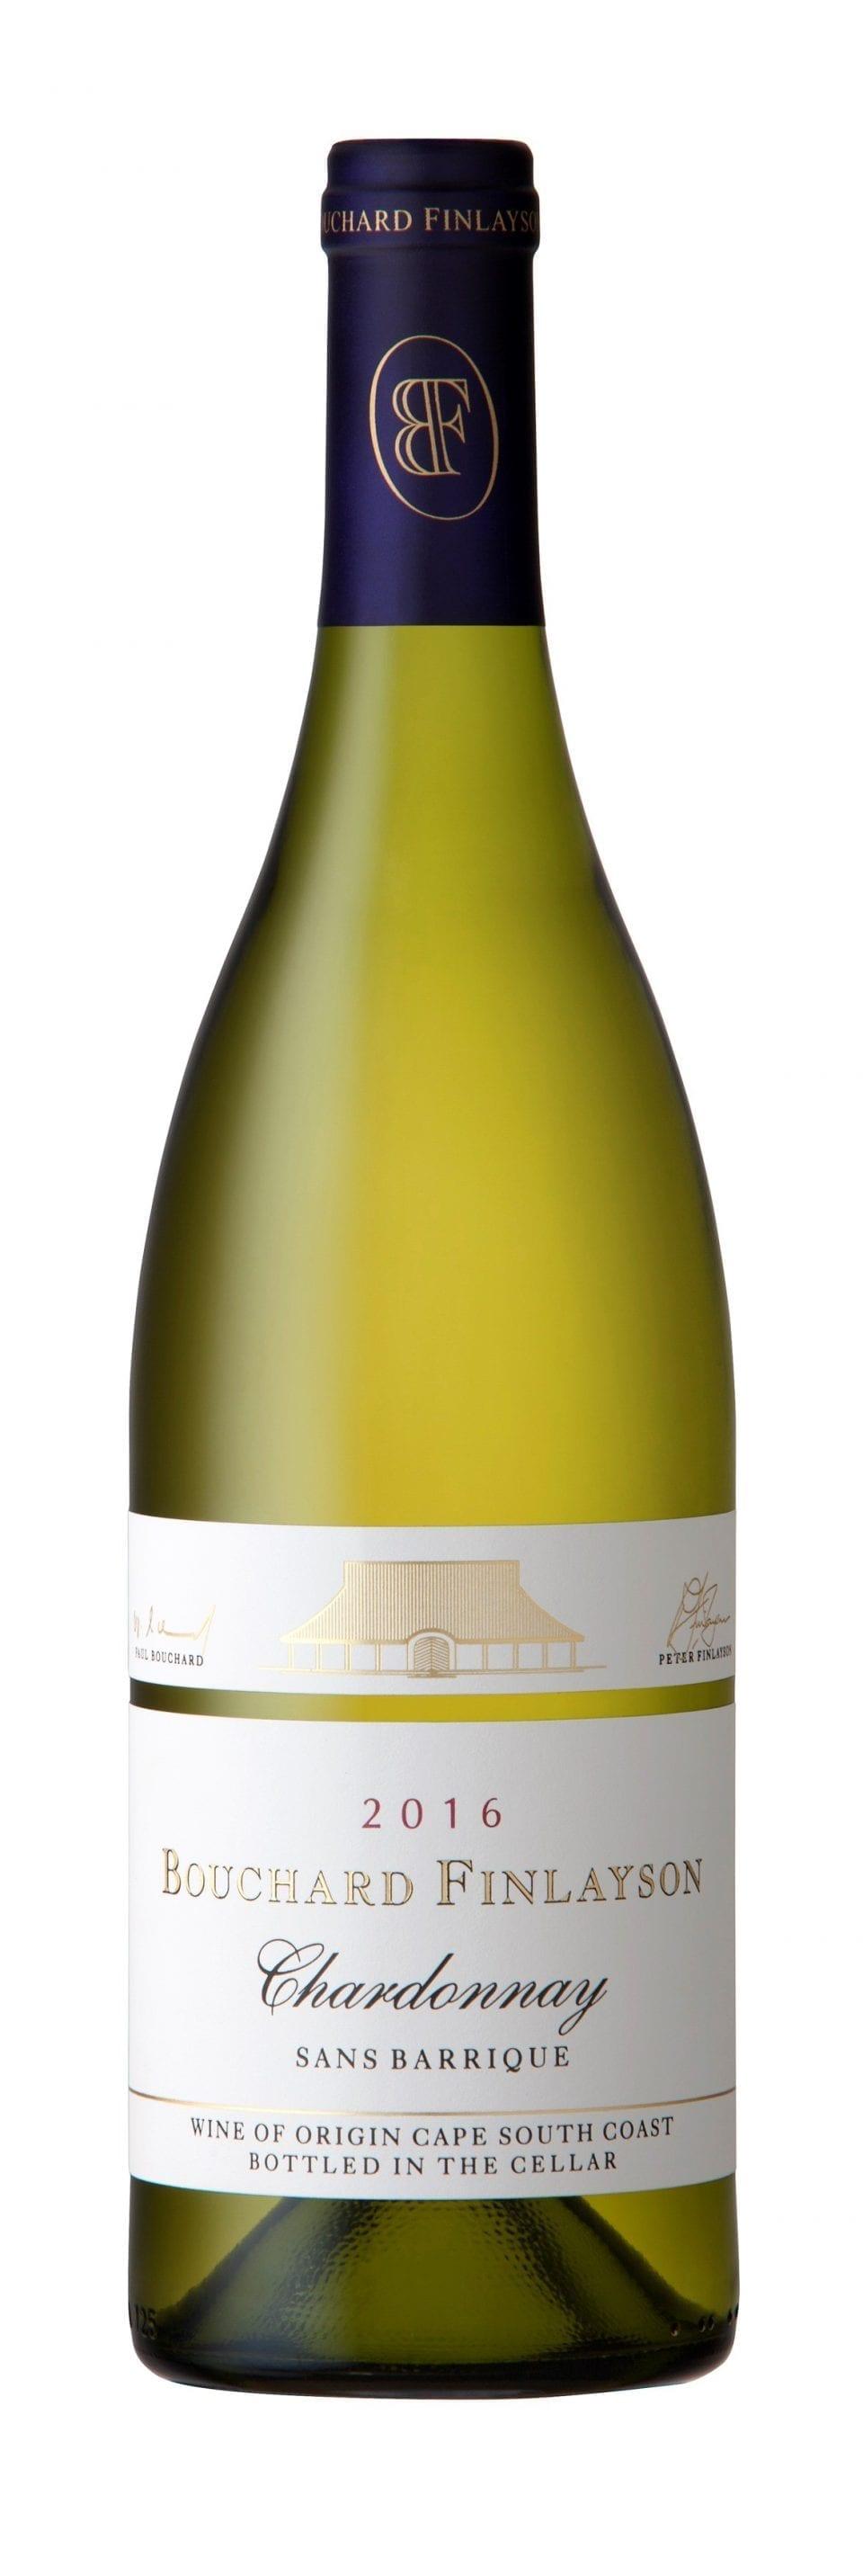 2016 Chardonnay Sans Barrique 2 960x2864 - Bouchard Finlayson 2016 Sans Barrique